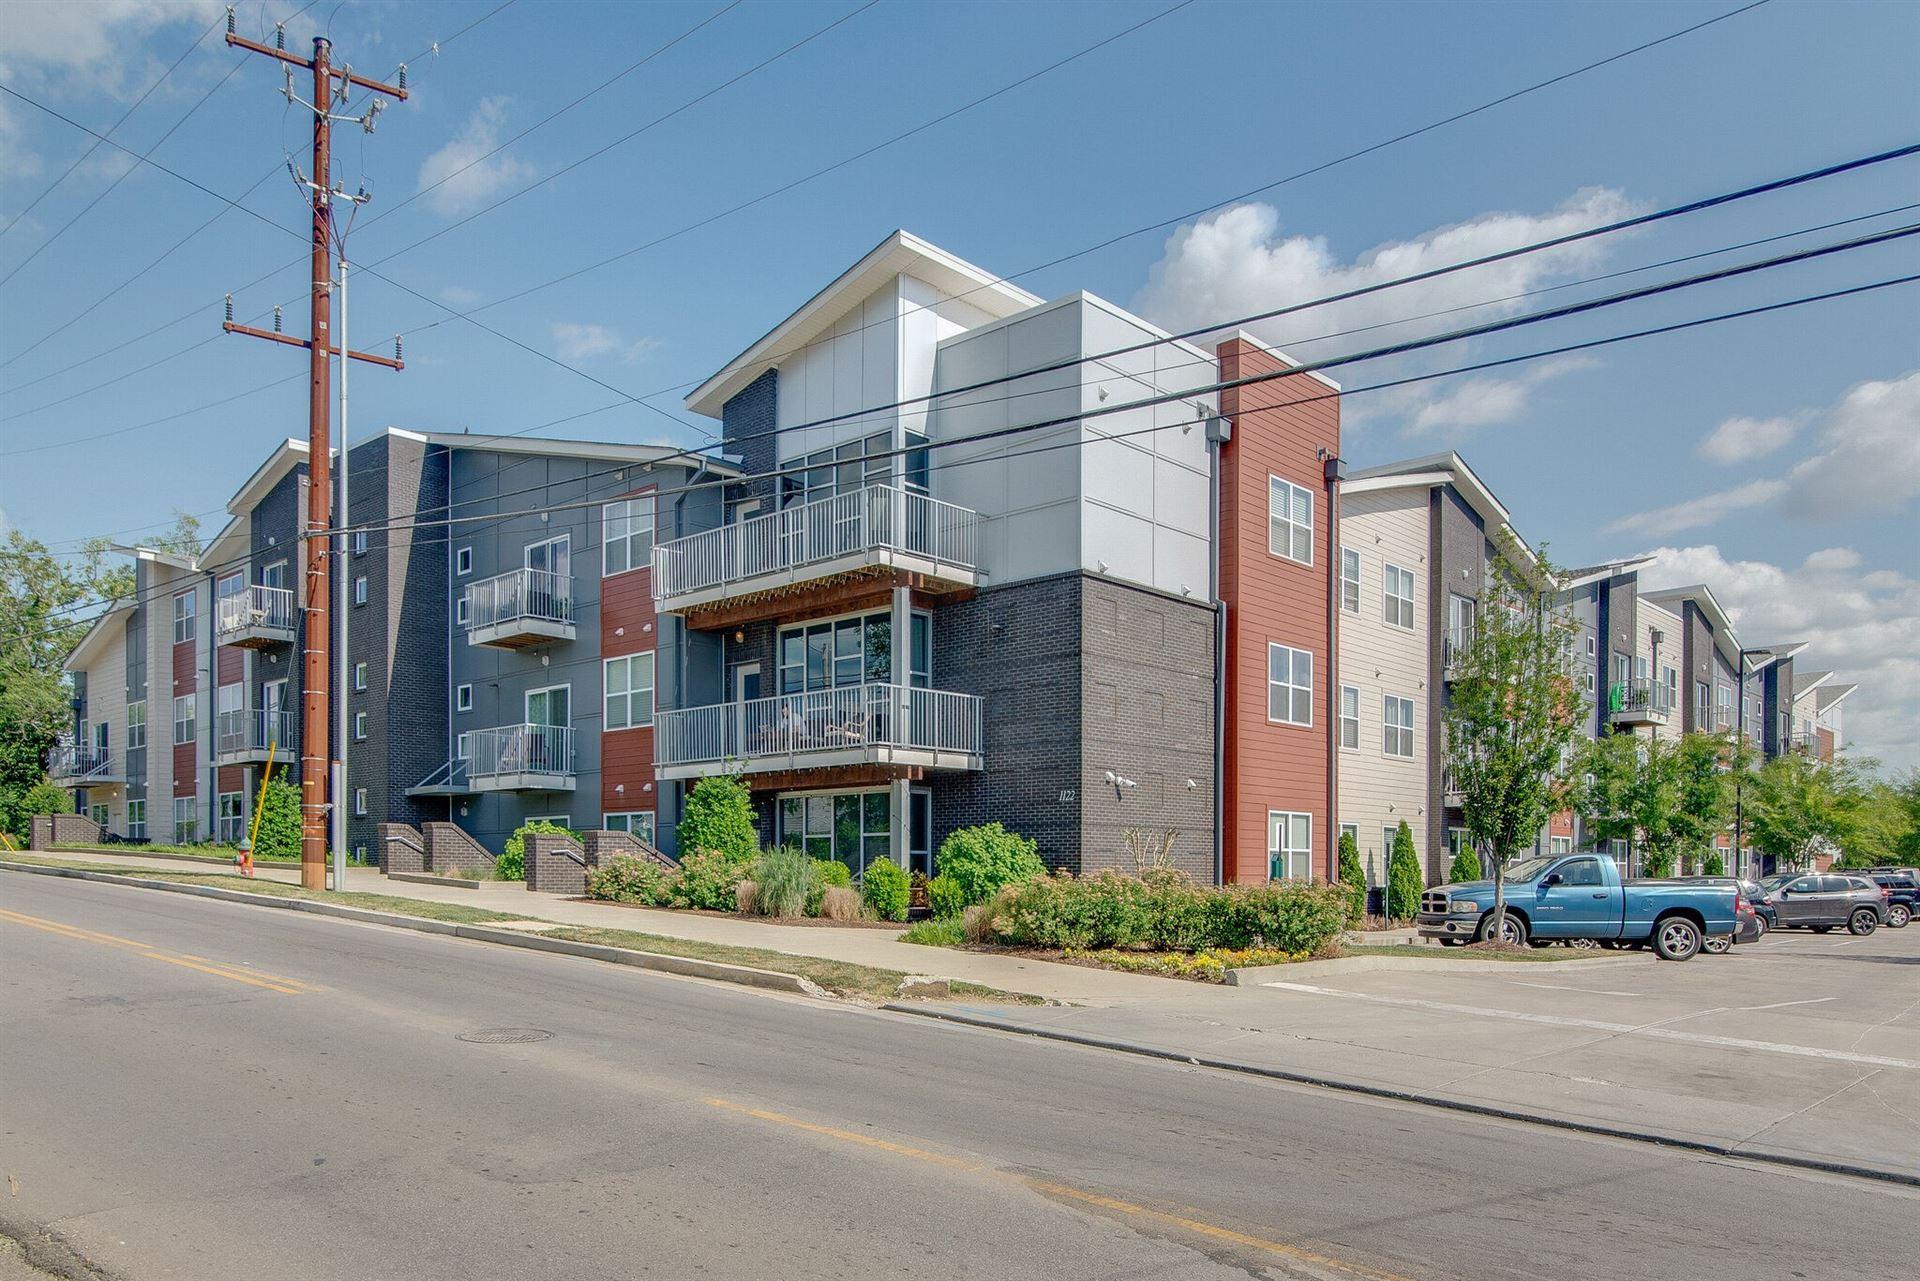 Photo of 1122 Litton Ave #308, Nashville, TN 37216 (MLS # 2299963)